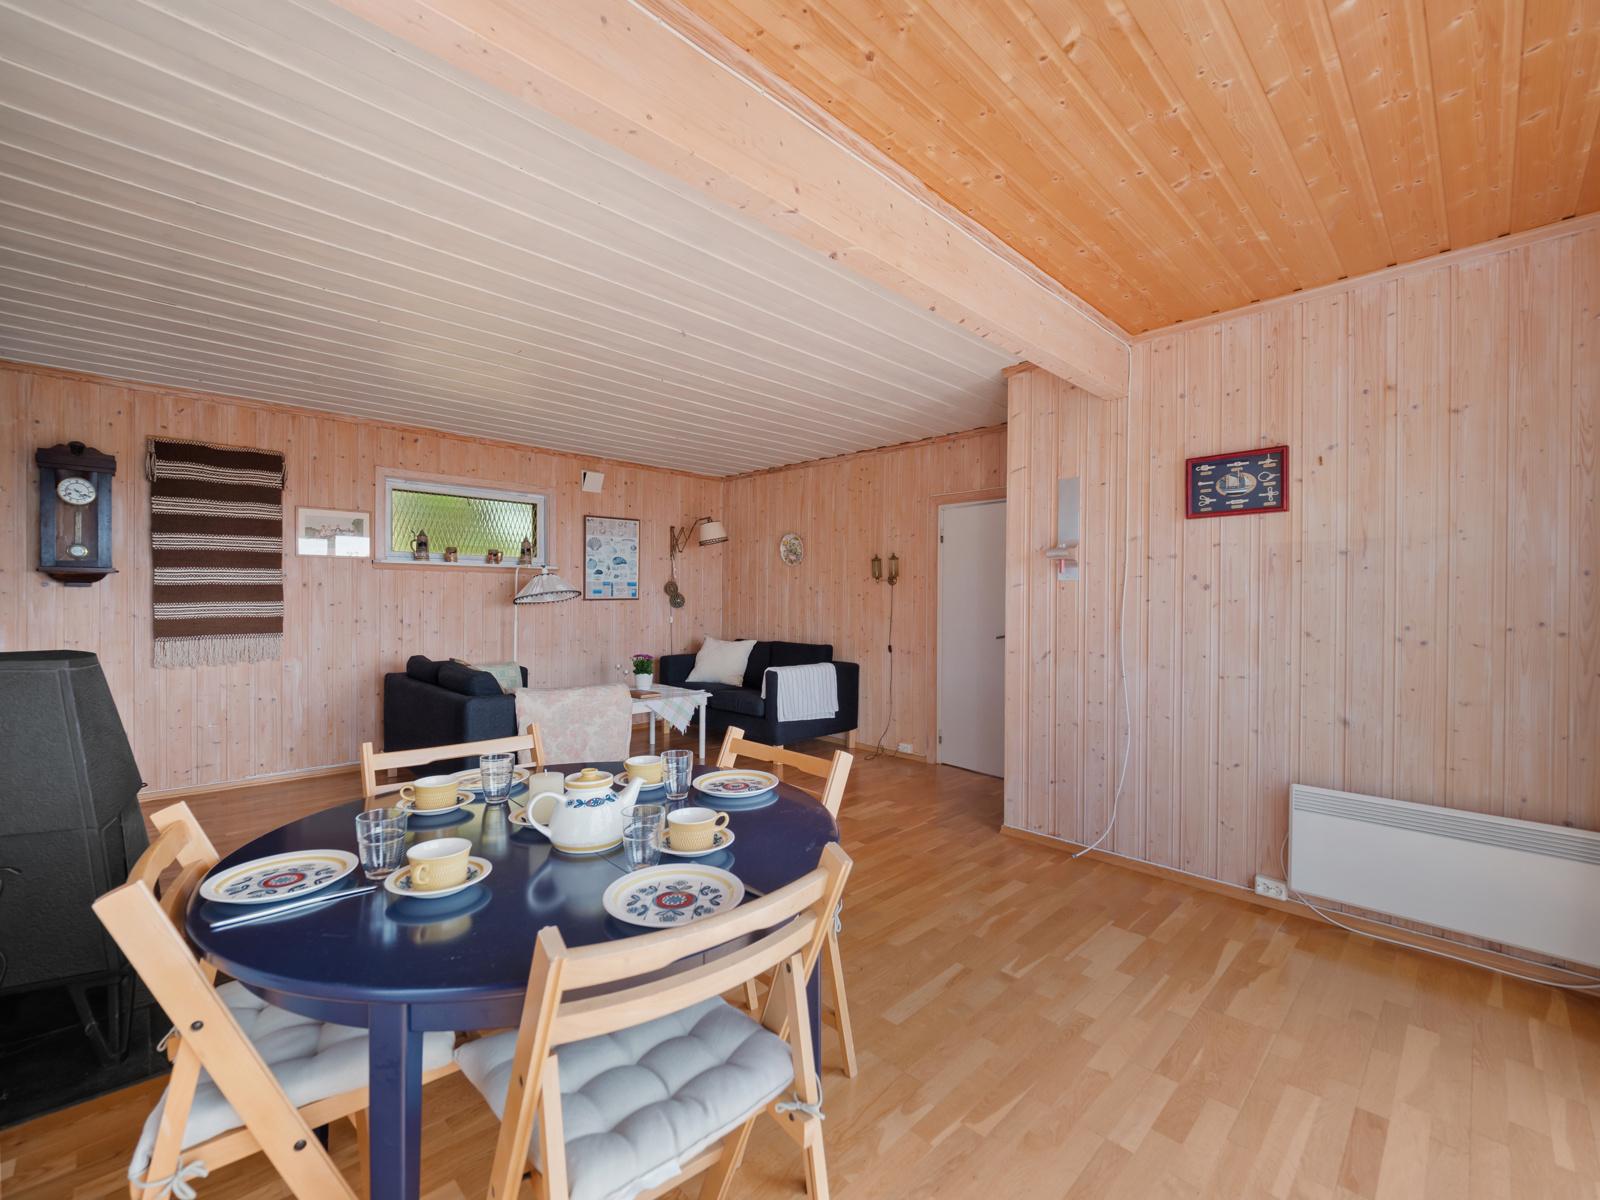 Når solen ikke skinner og regnet finner veien, har stuen god plass for hyggelige måltider.